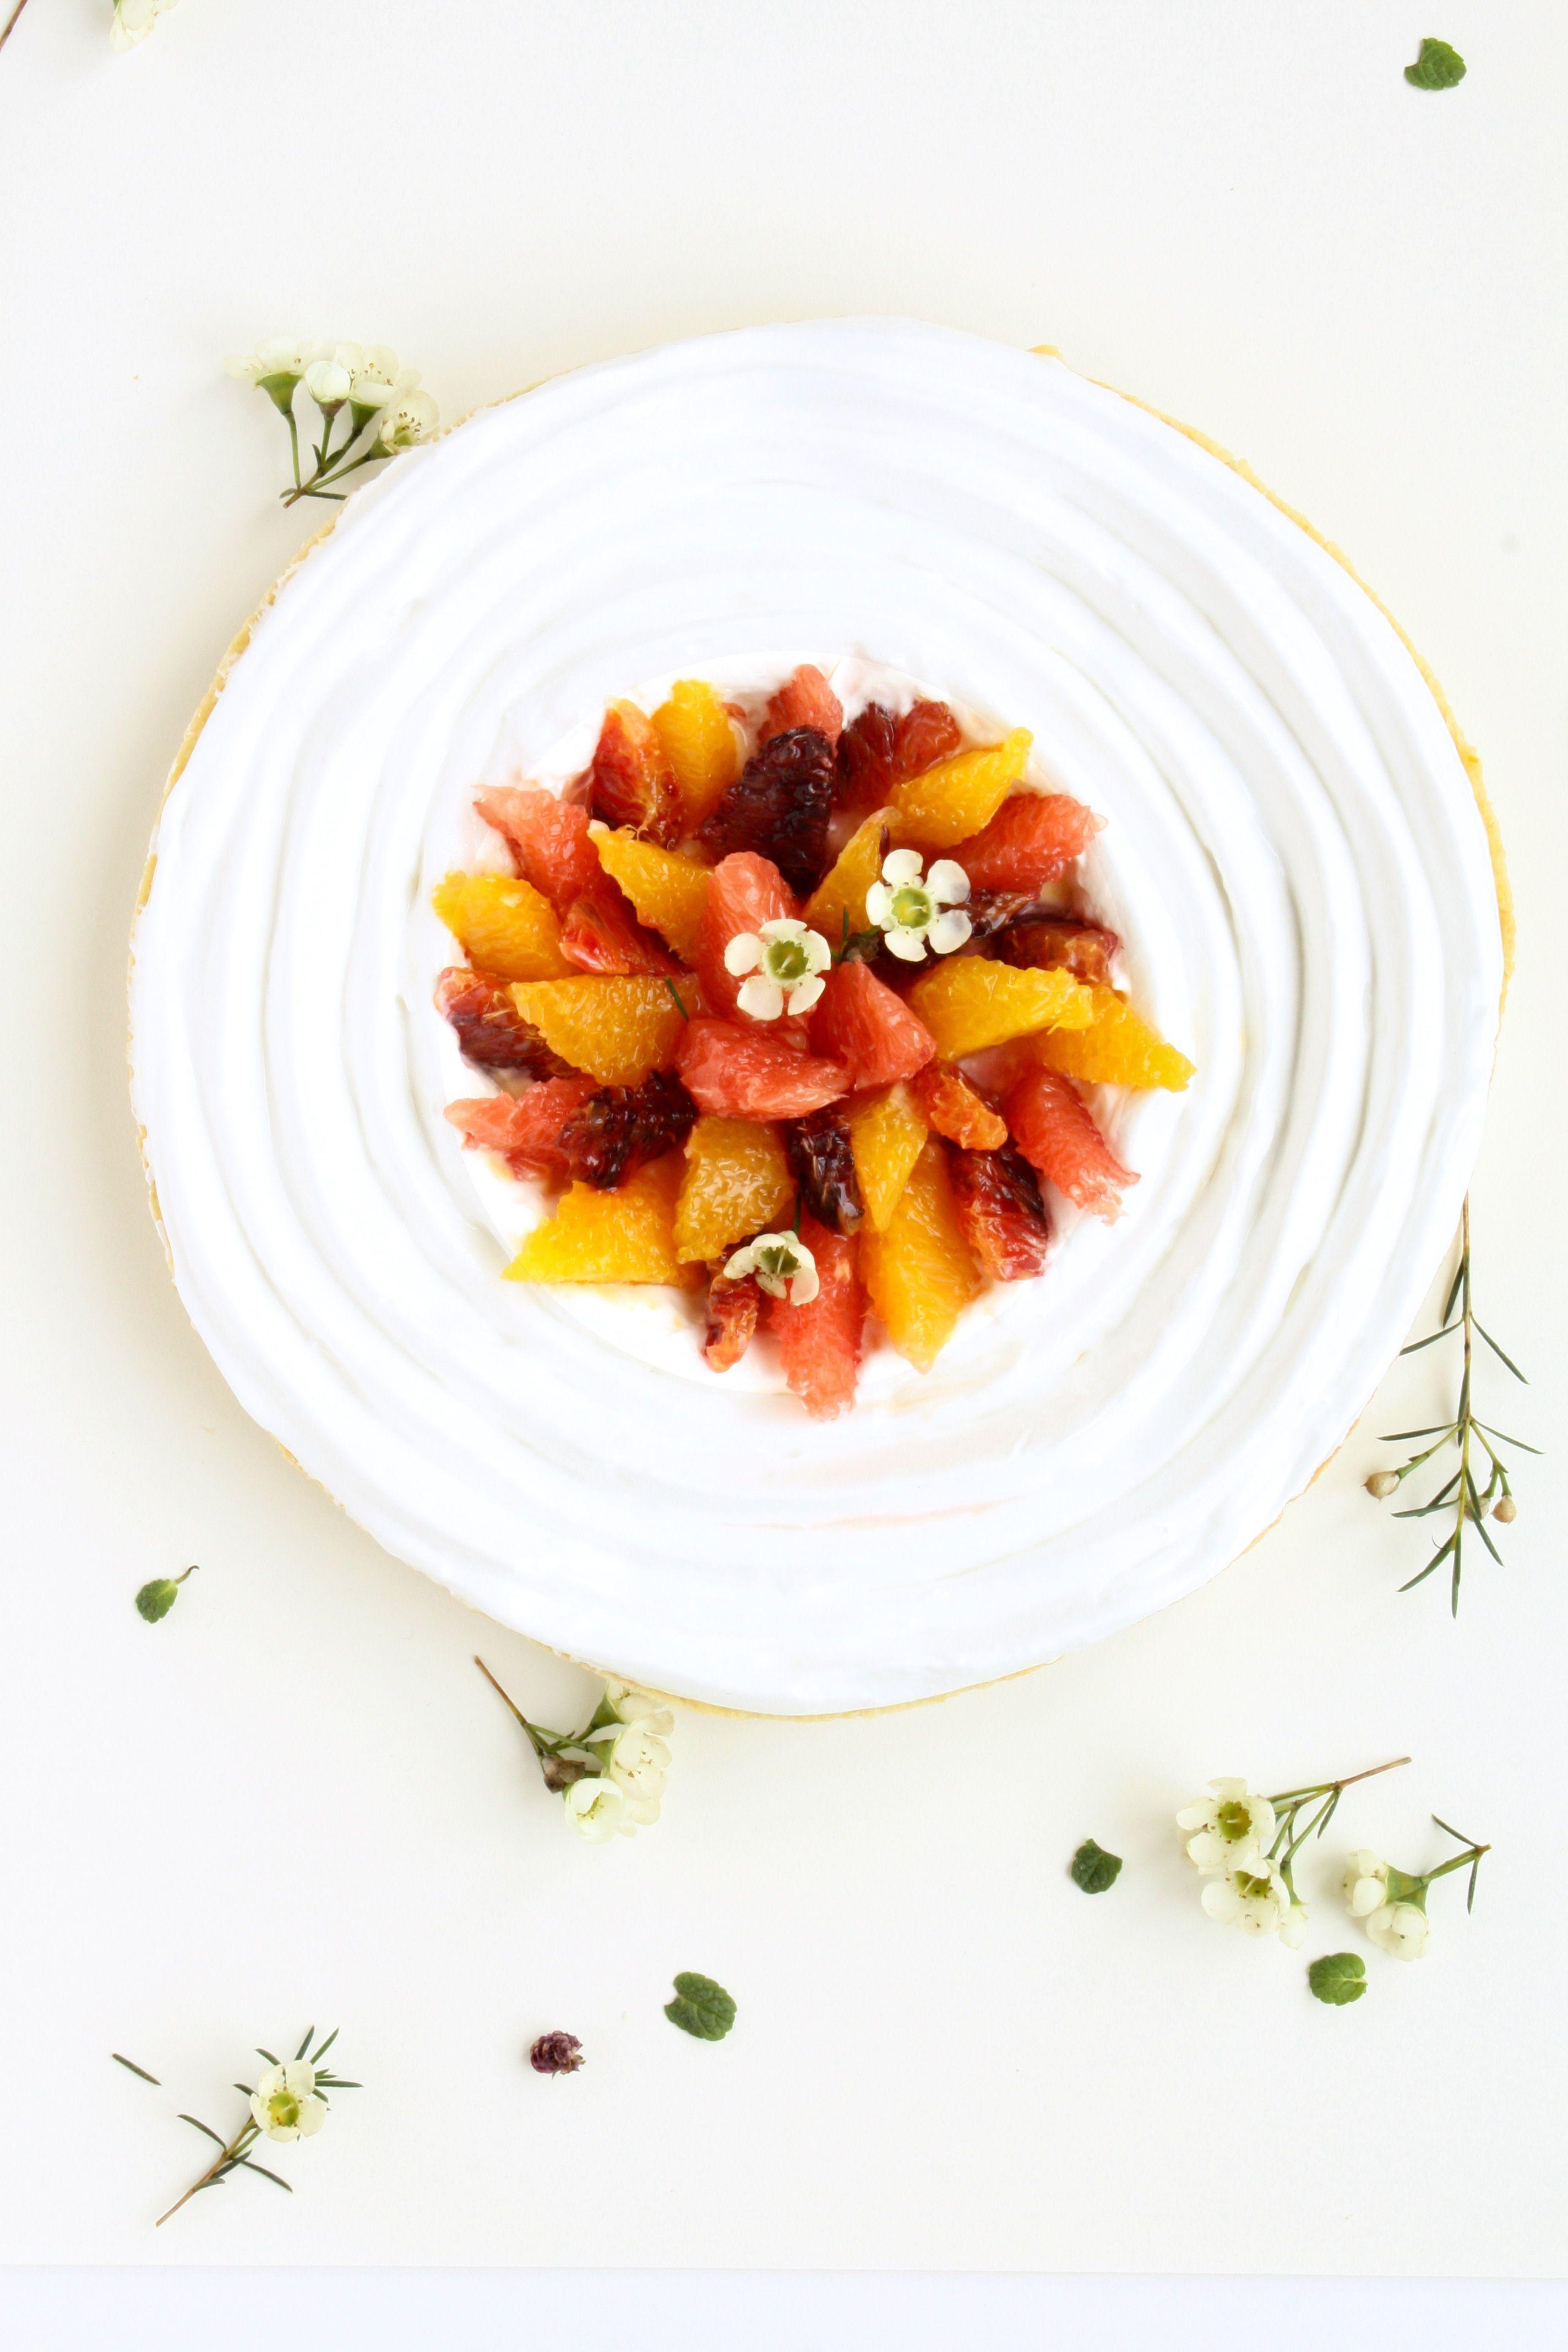 Marie du blog http://gourmandeilsdisent.blogspot.fr/ Prix d'Excellence Relais Dessert